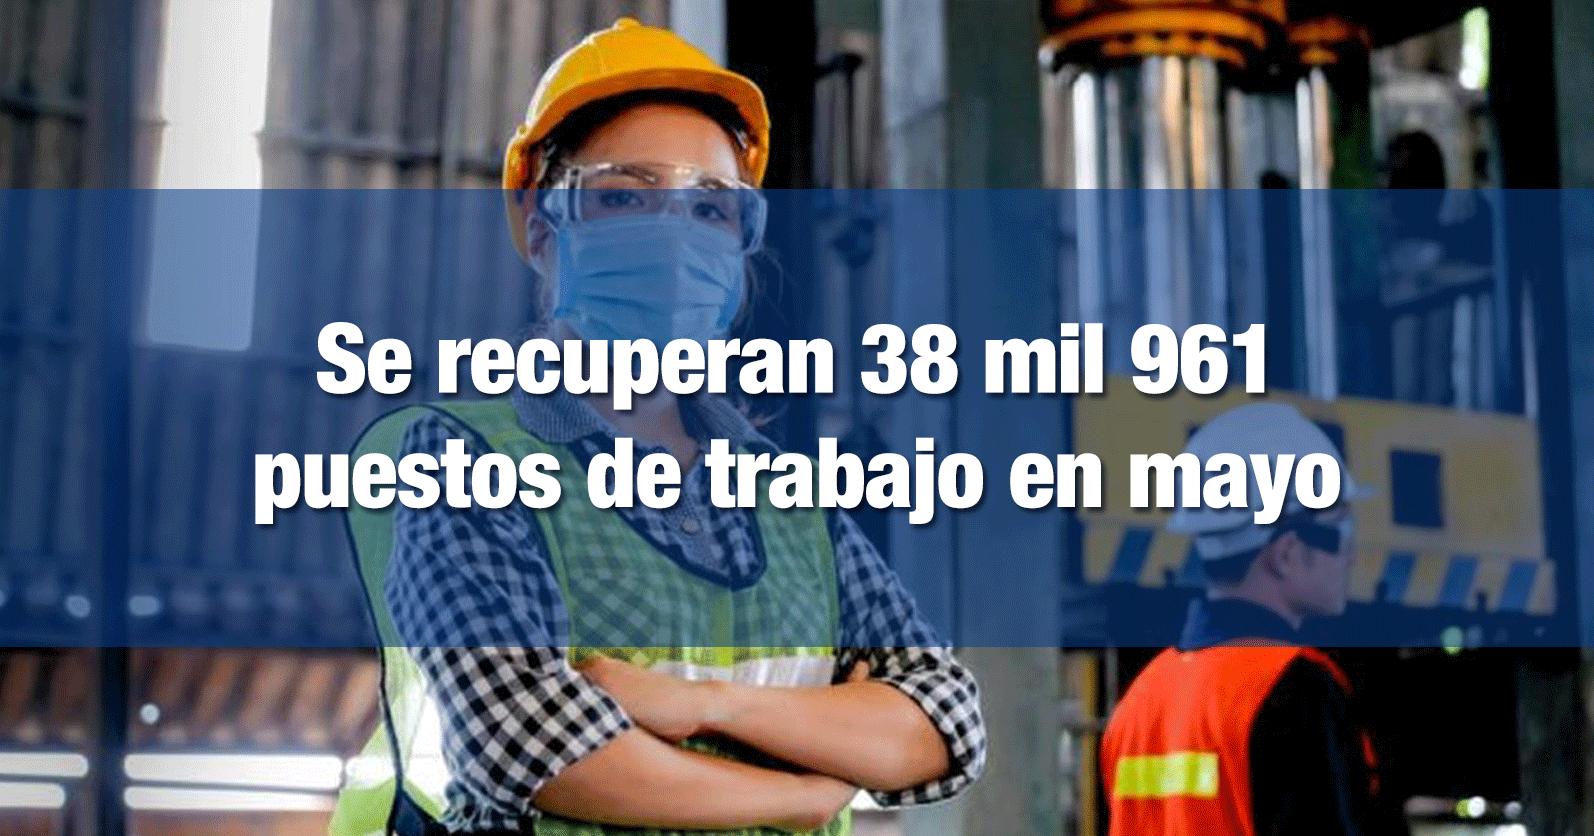 Se recuperan 38 mil 961 puestos de trabajo en mayo